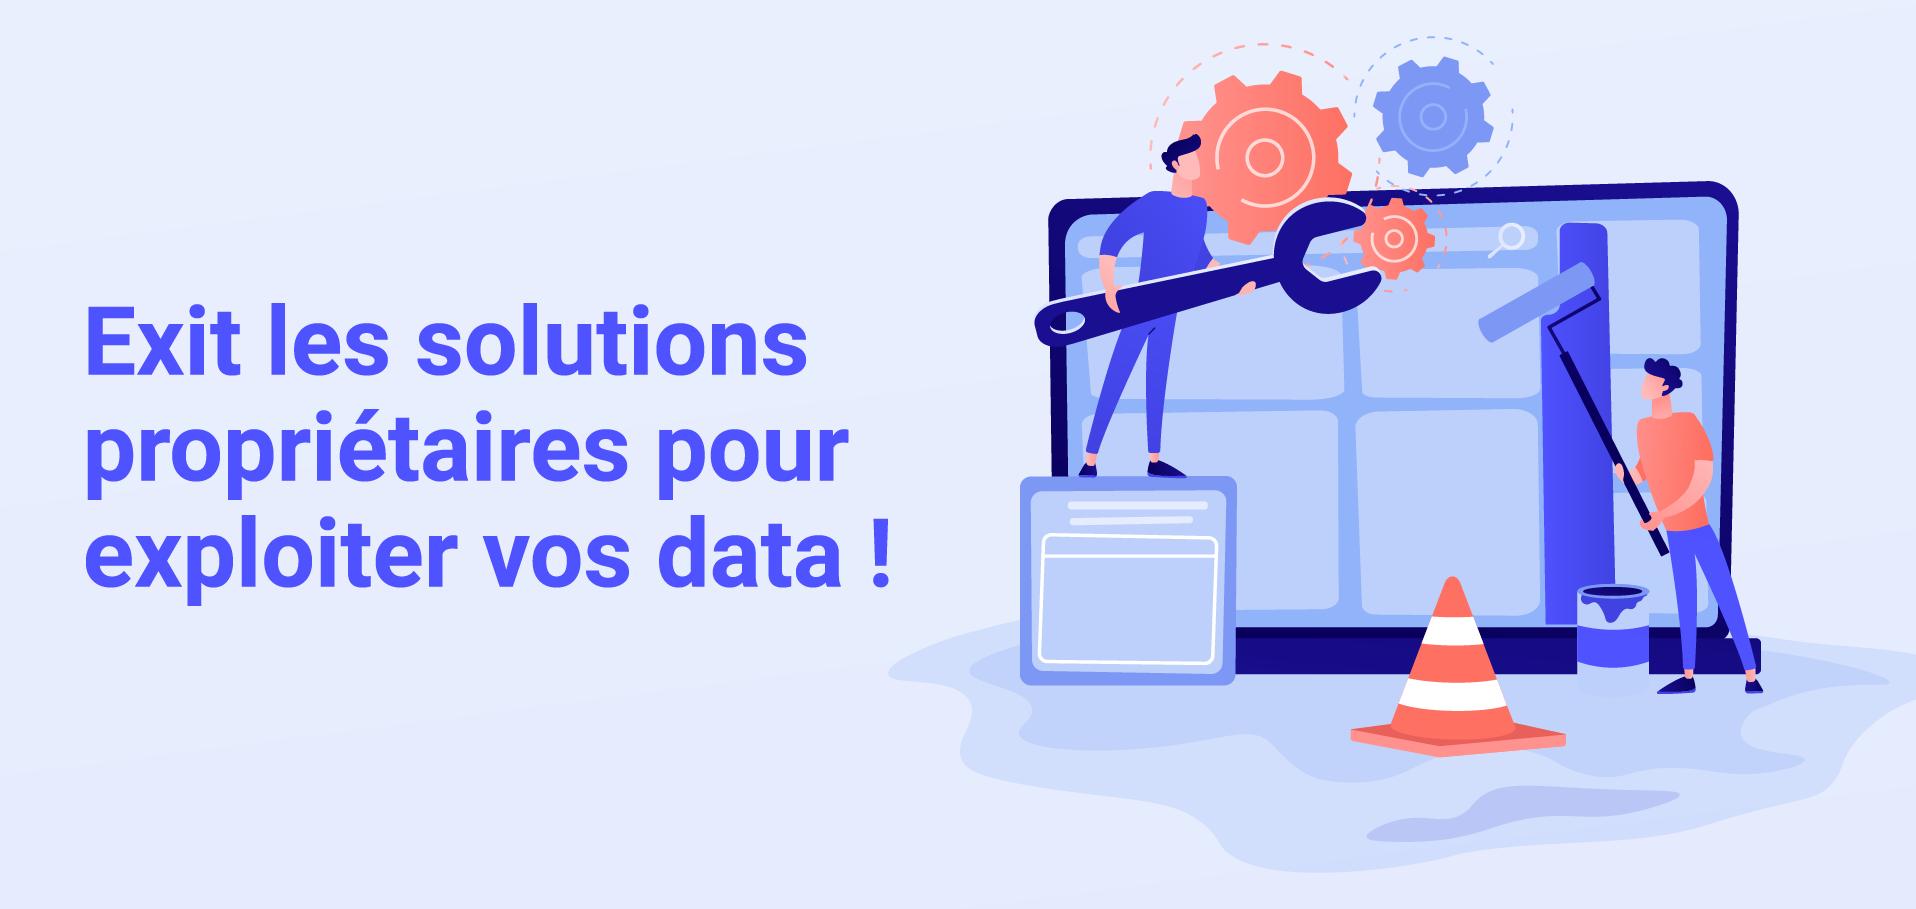 Webinar Exit les solutions propriétaires pour exploiter vos data